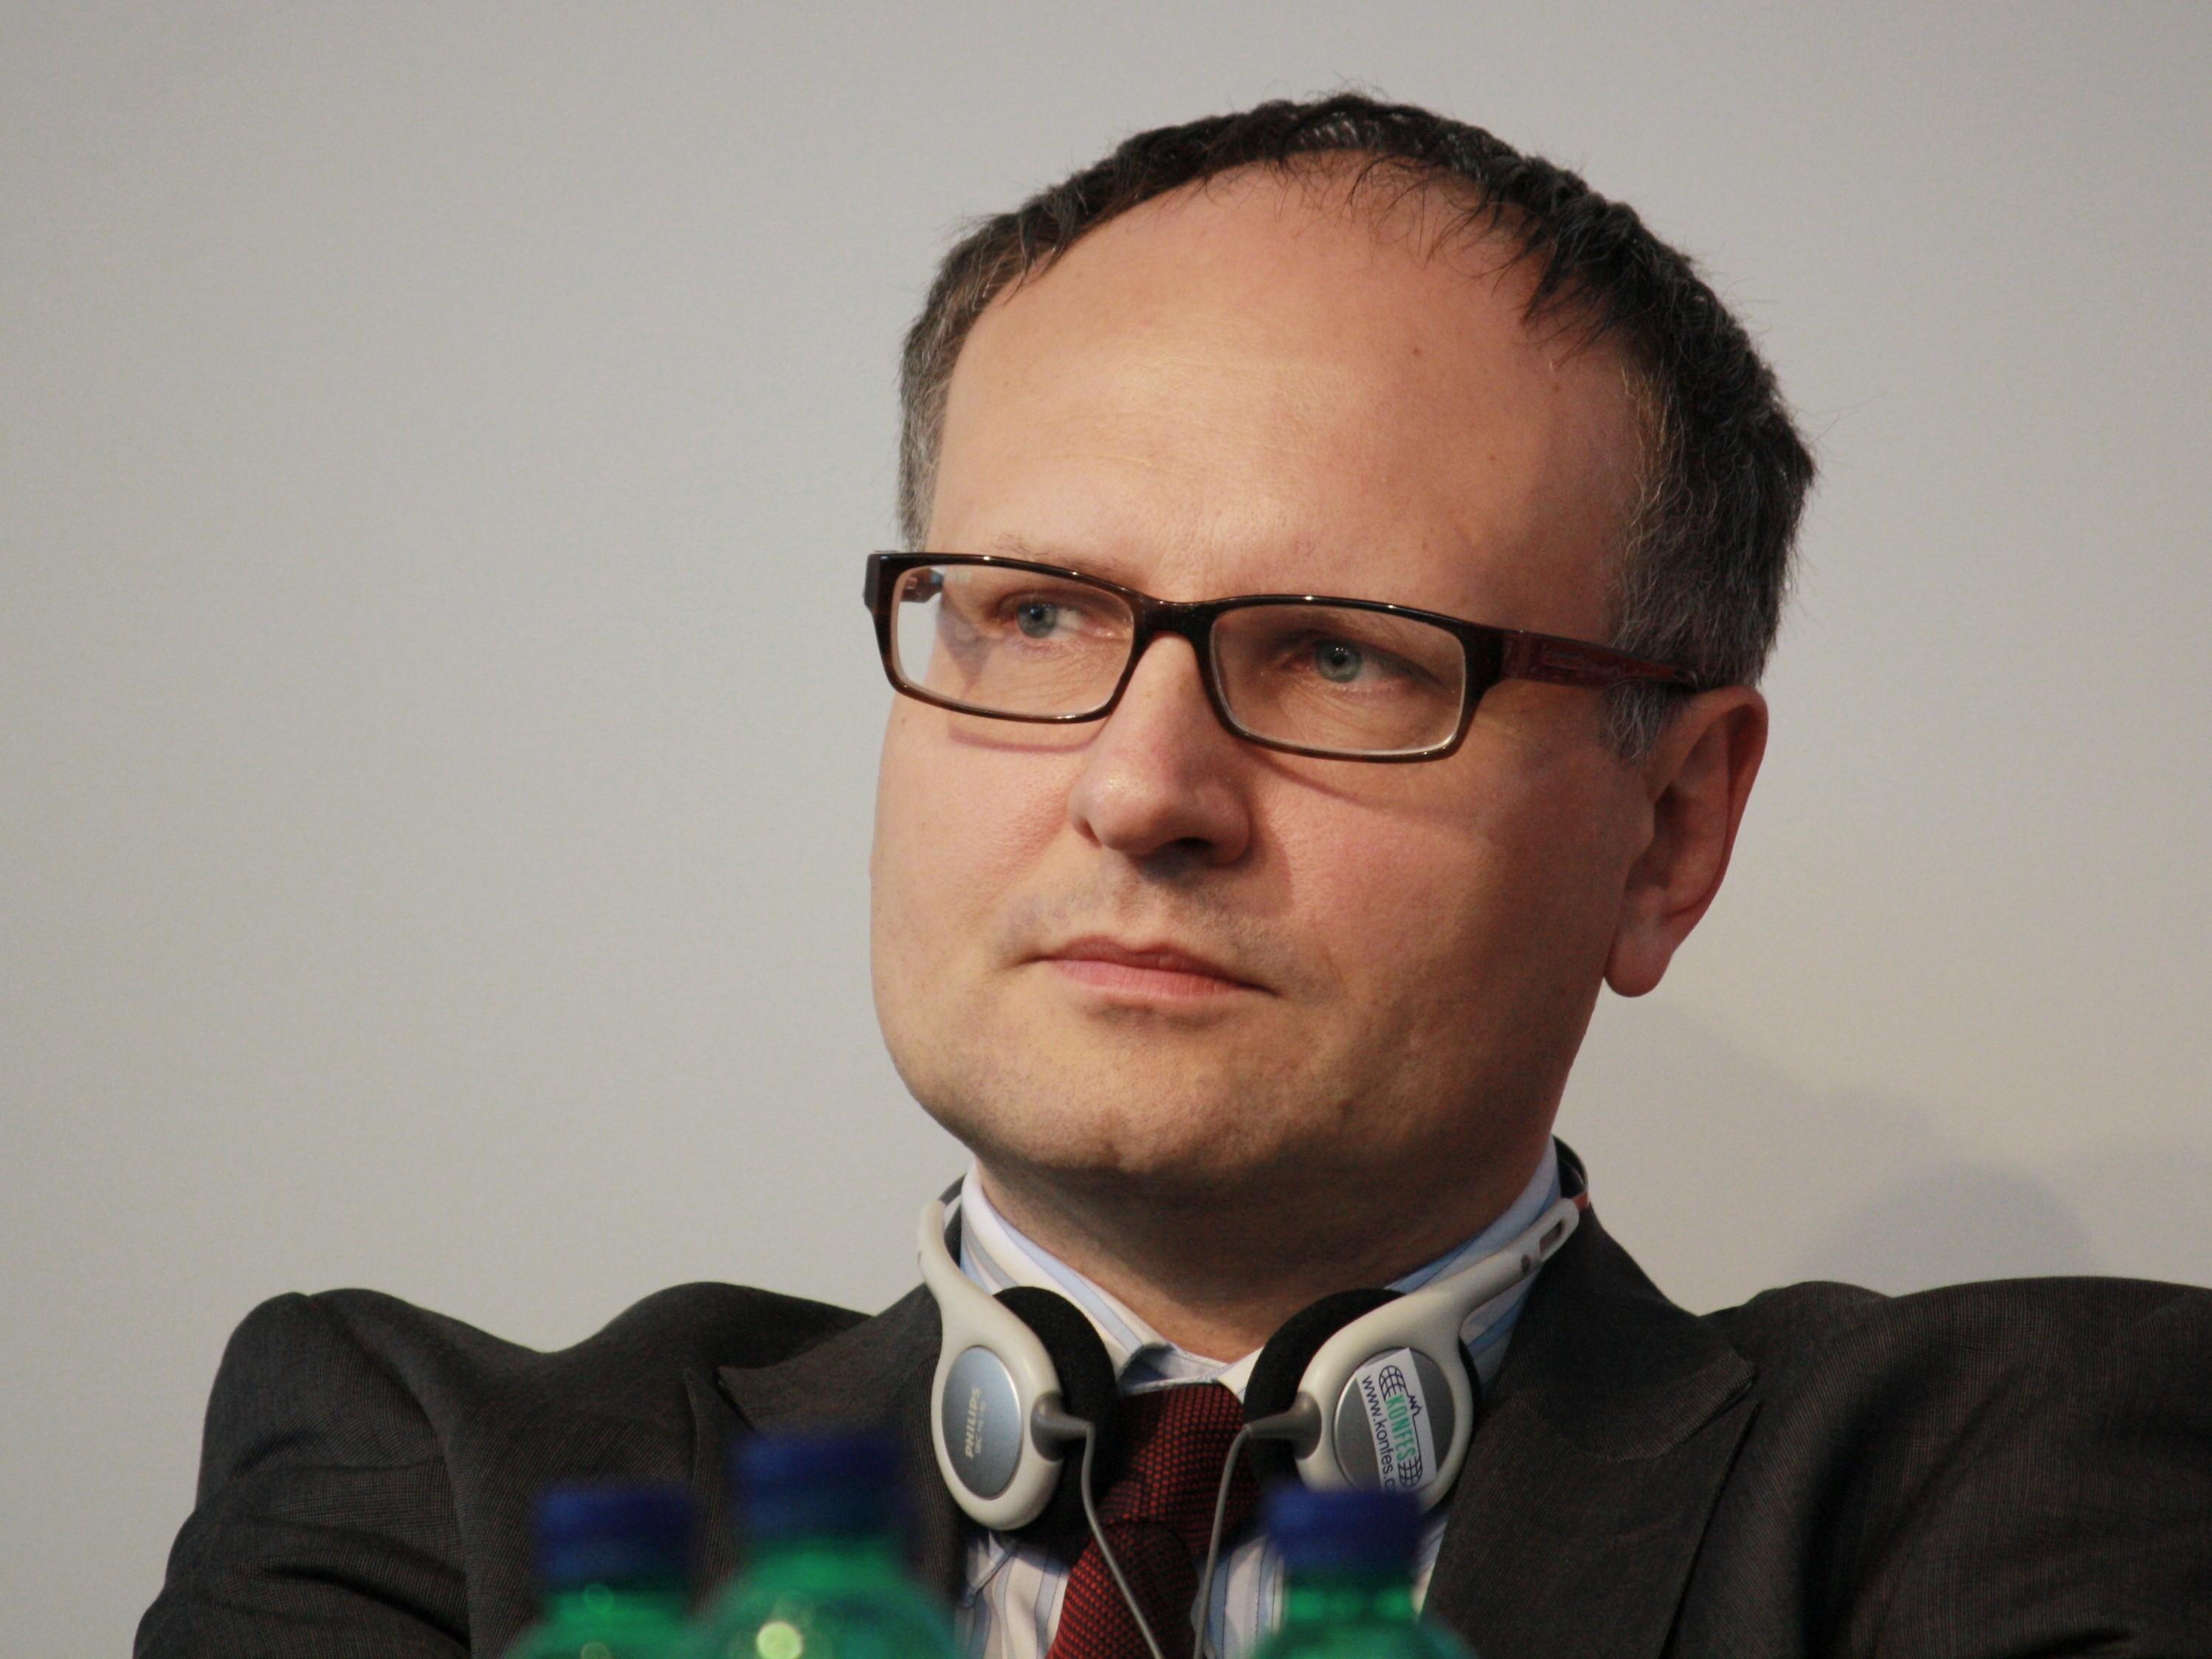 paweł lisicki  - By Matěj Baťha - Praca własna, CC BY-SA 3.0, https://commons.wikimedia.org/w/index.php?curid=10369617